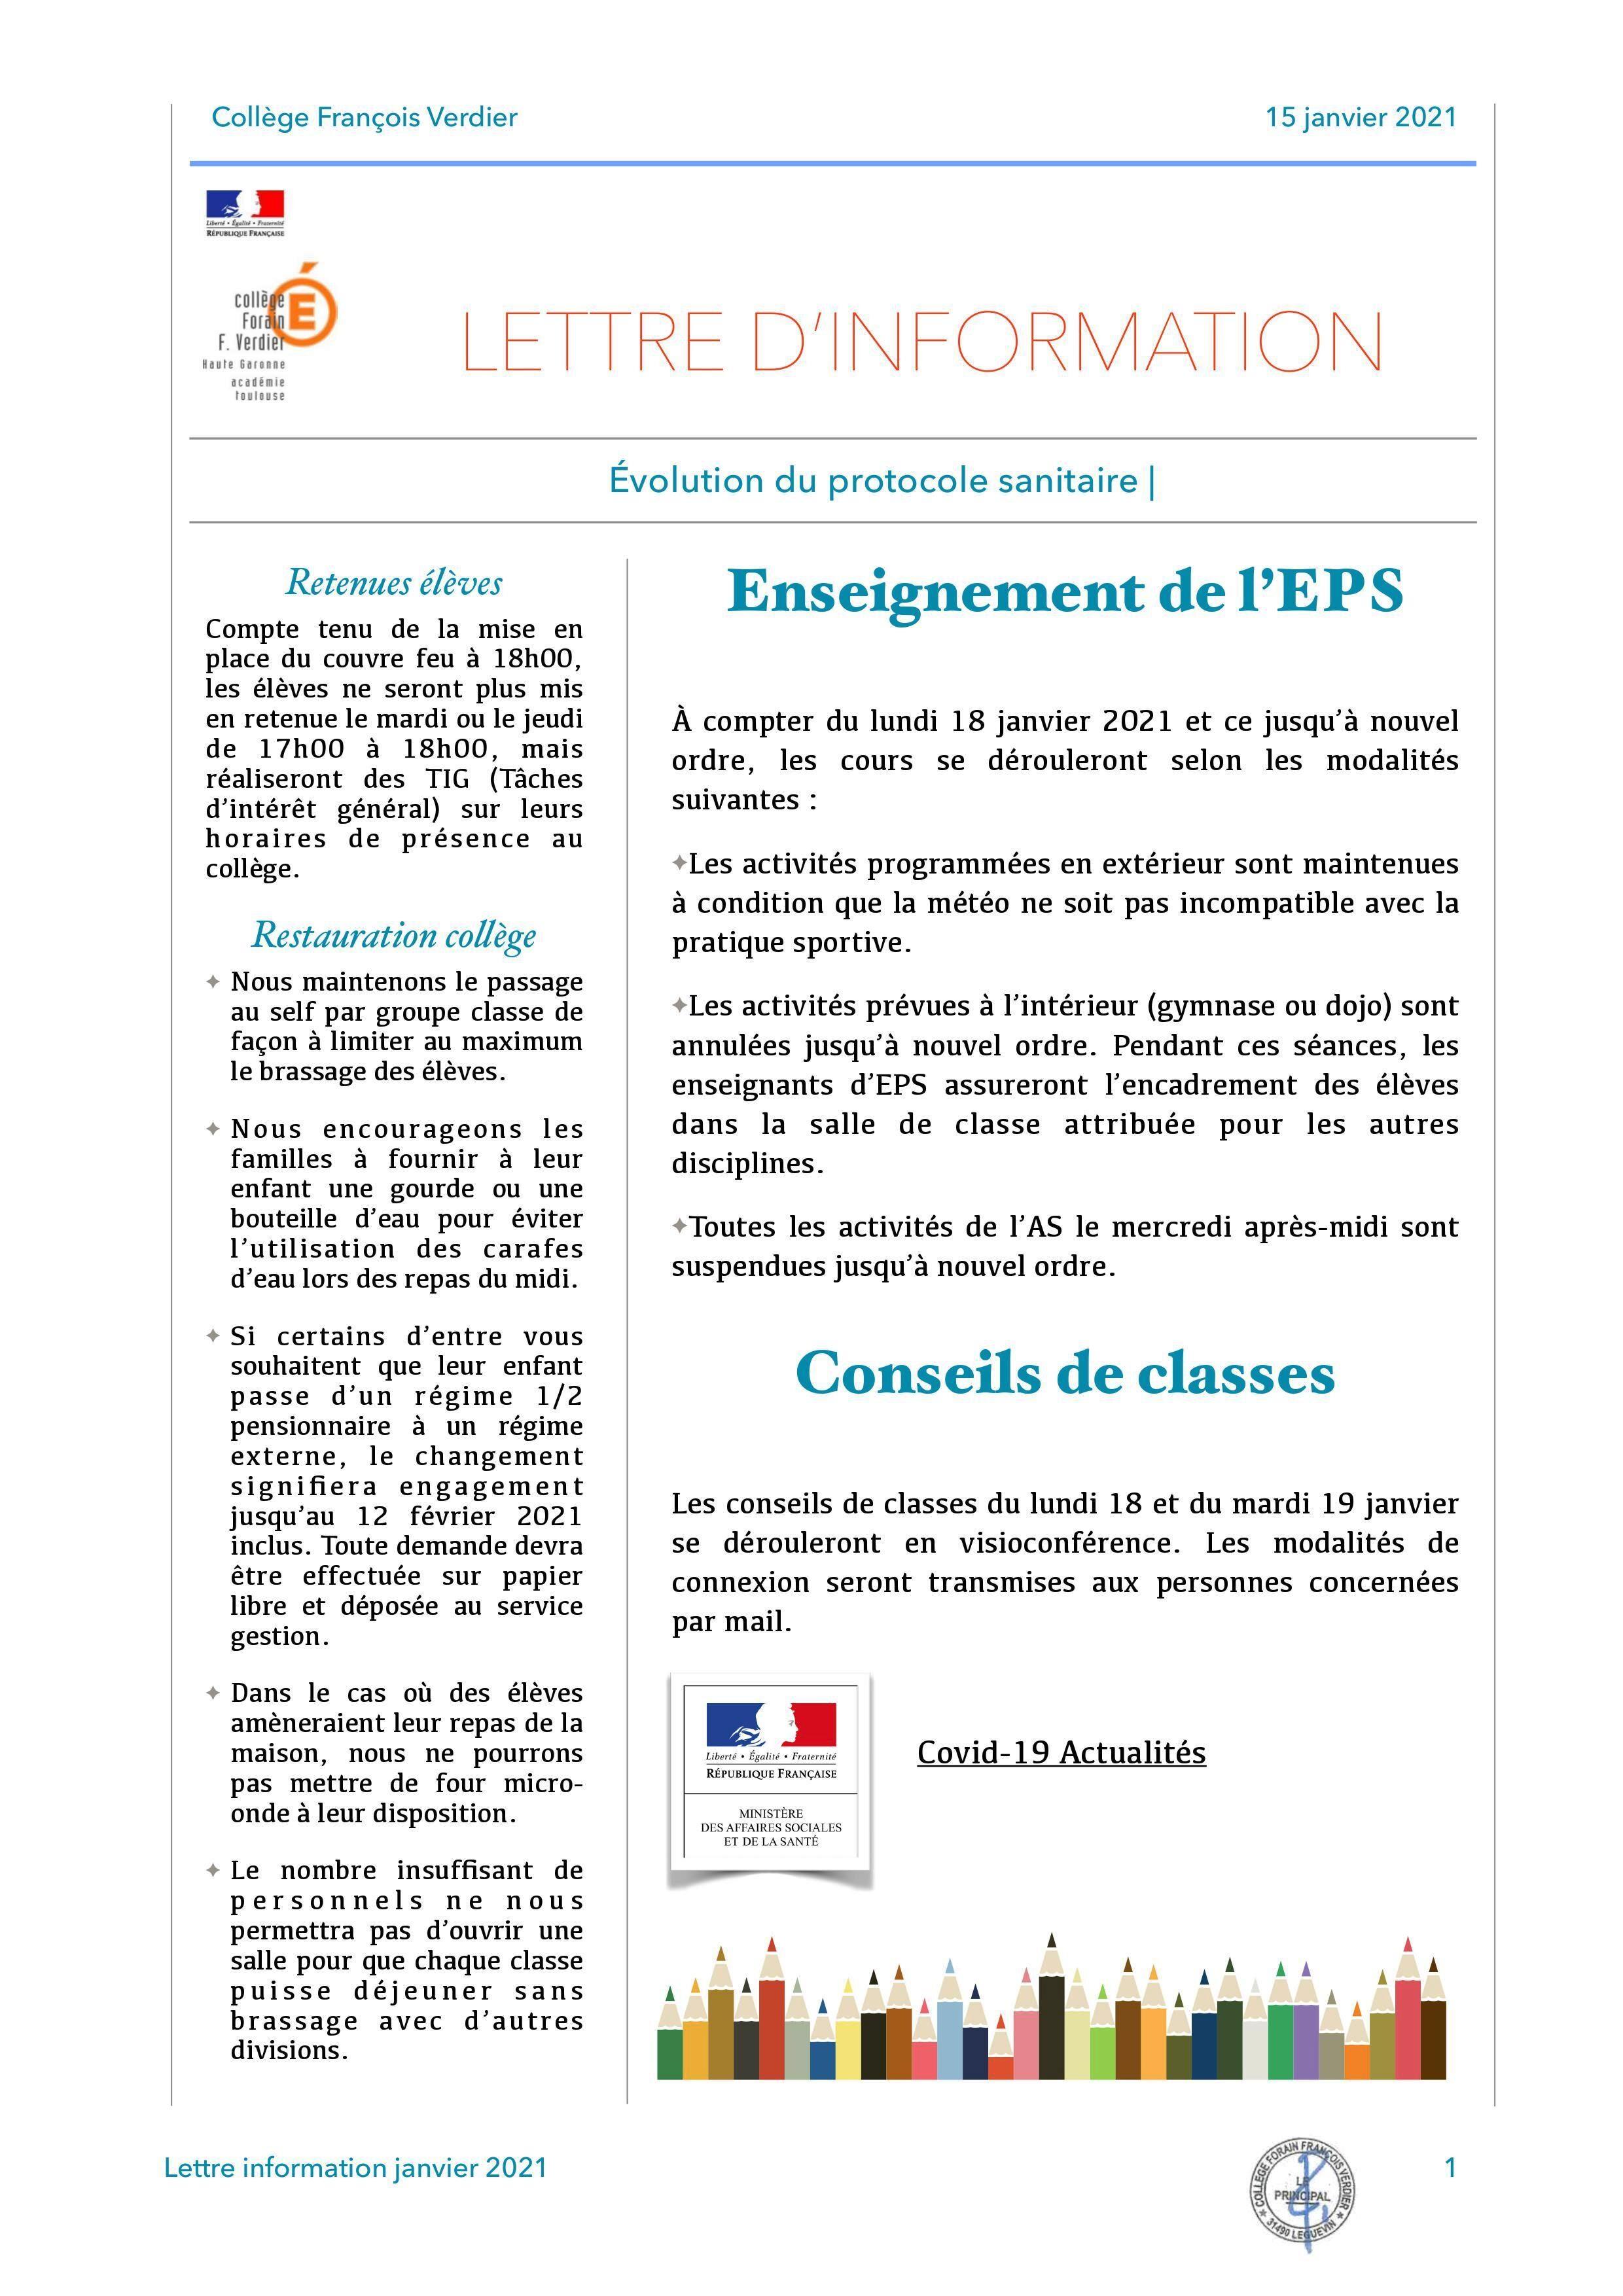 Bulletin_janvier_2021.jpg